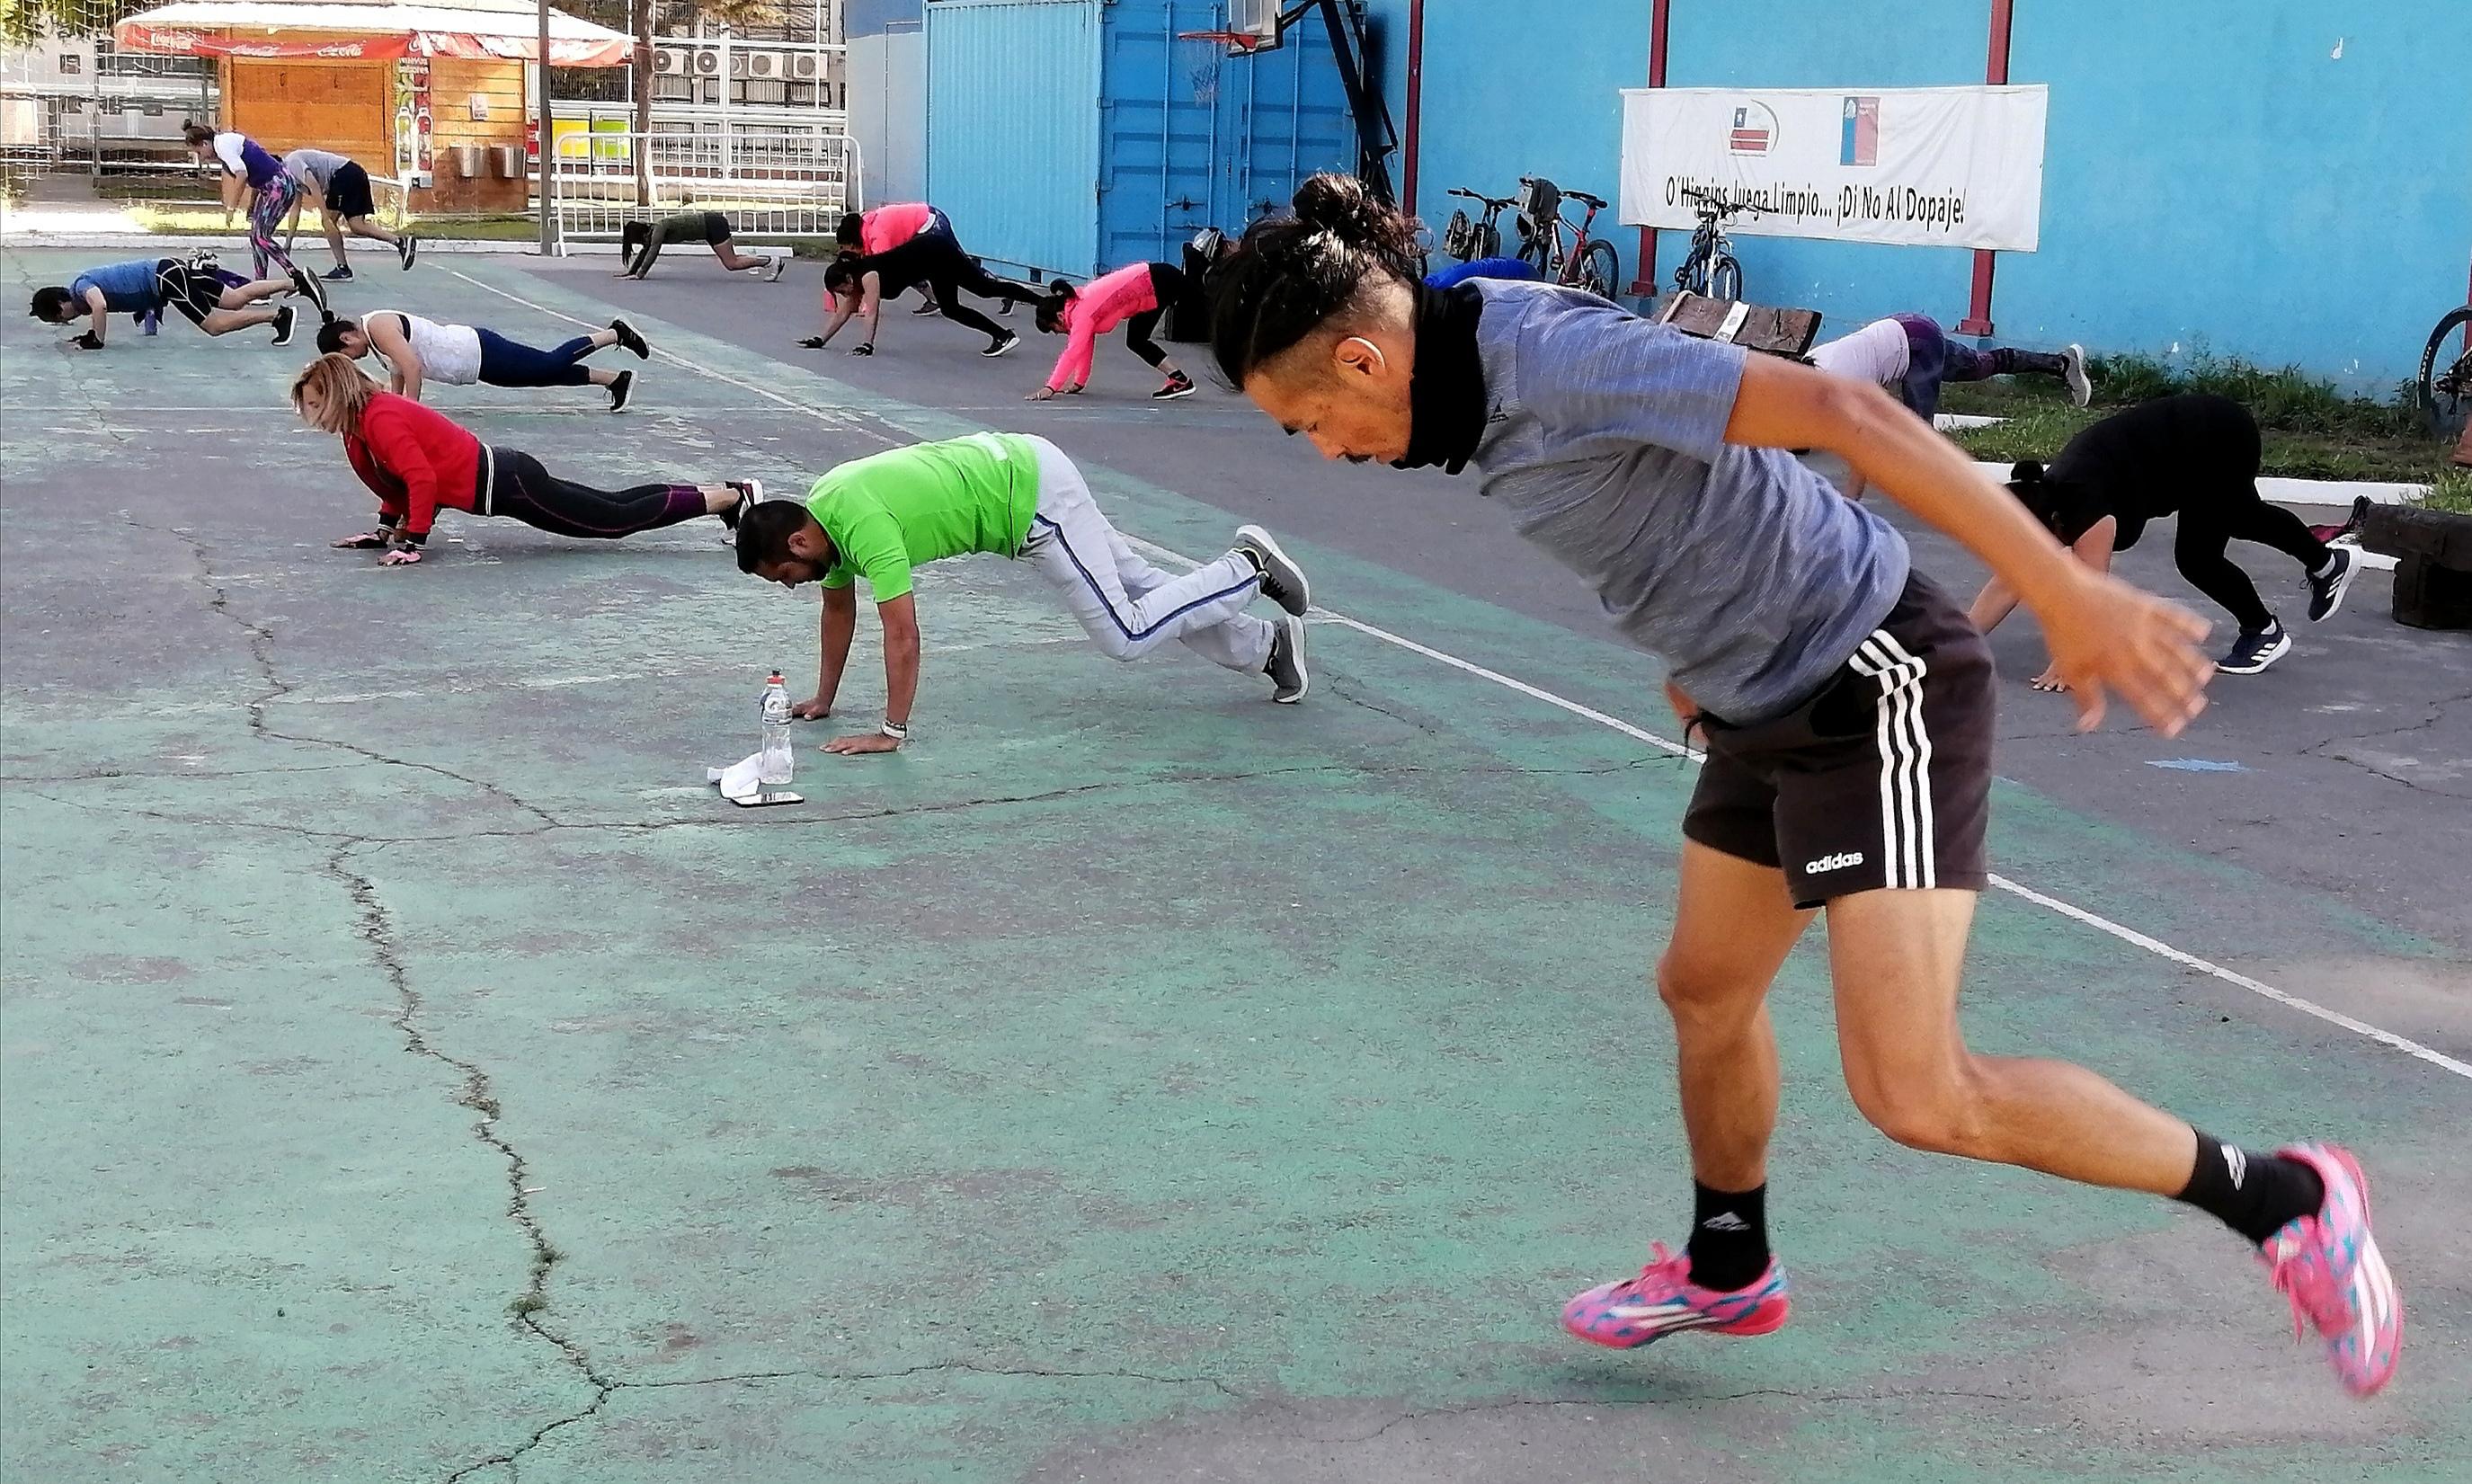 Regresa paulatinamente el deporte al Complejo Hermógenes Lizana